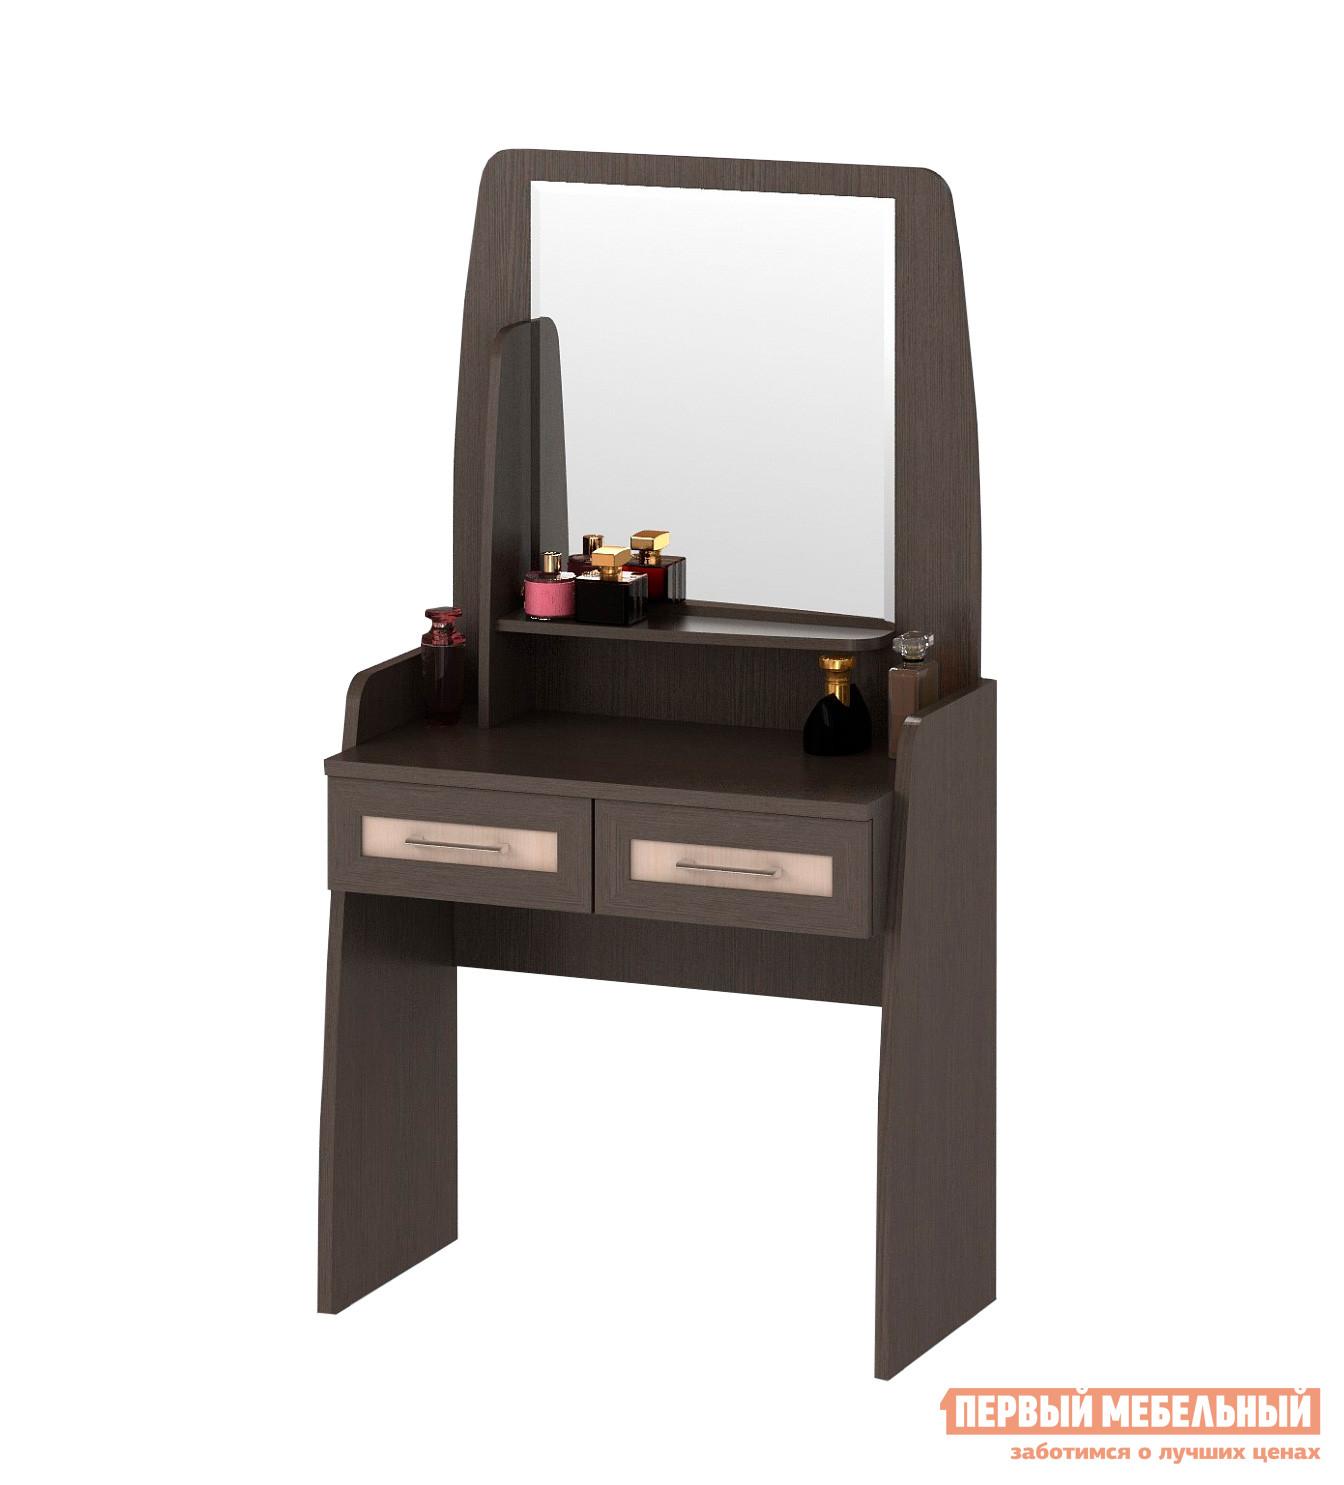 Туалетный столик ВасКо Соло 033-1104 боковая секция прихожей васко соло 062 1104